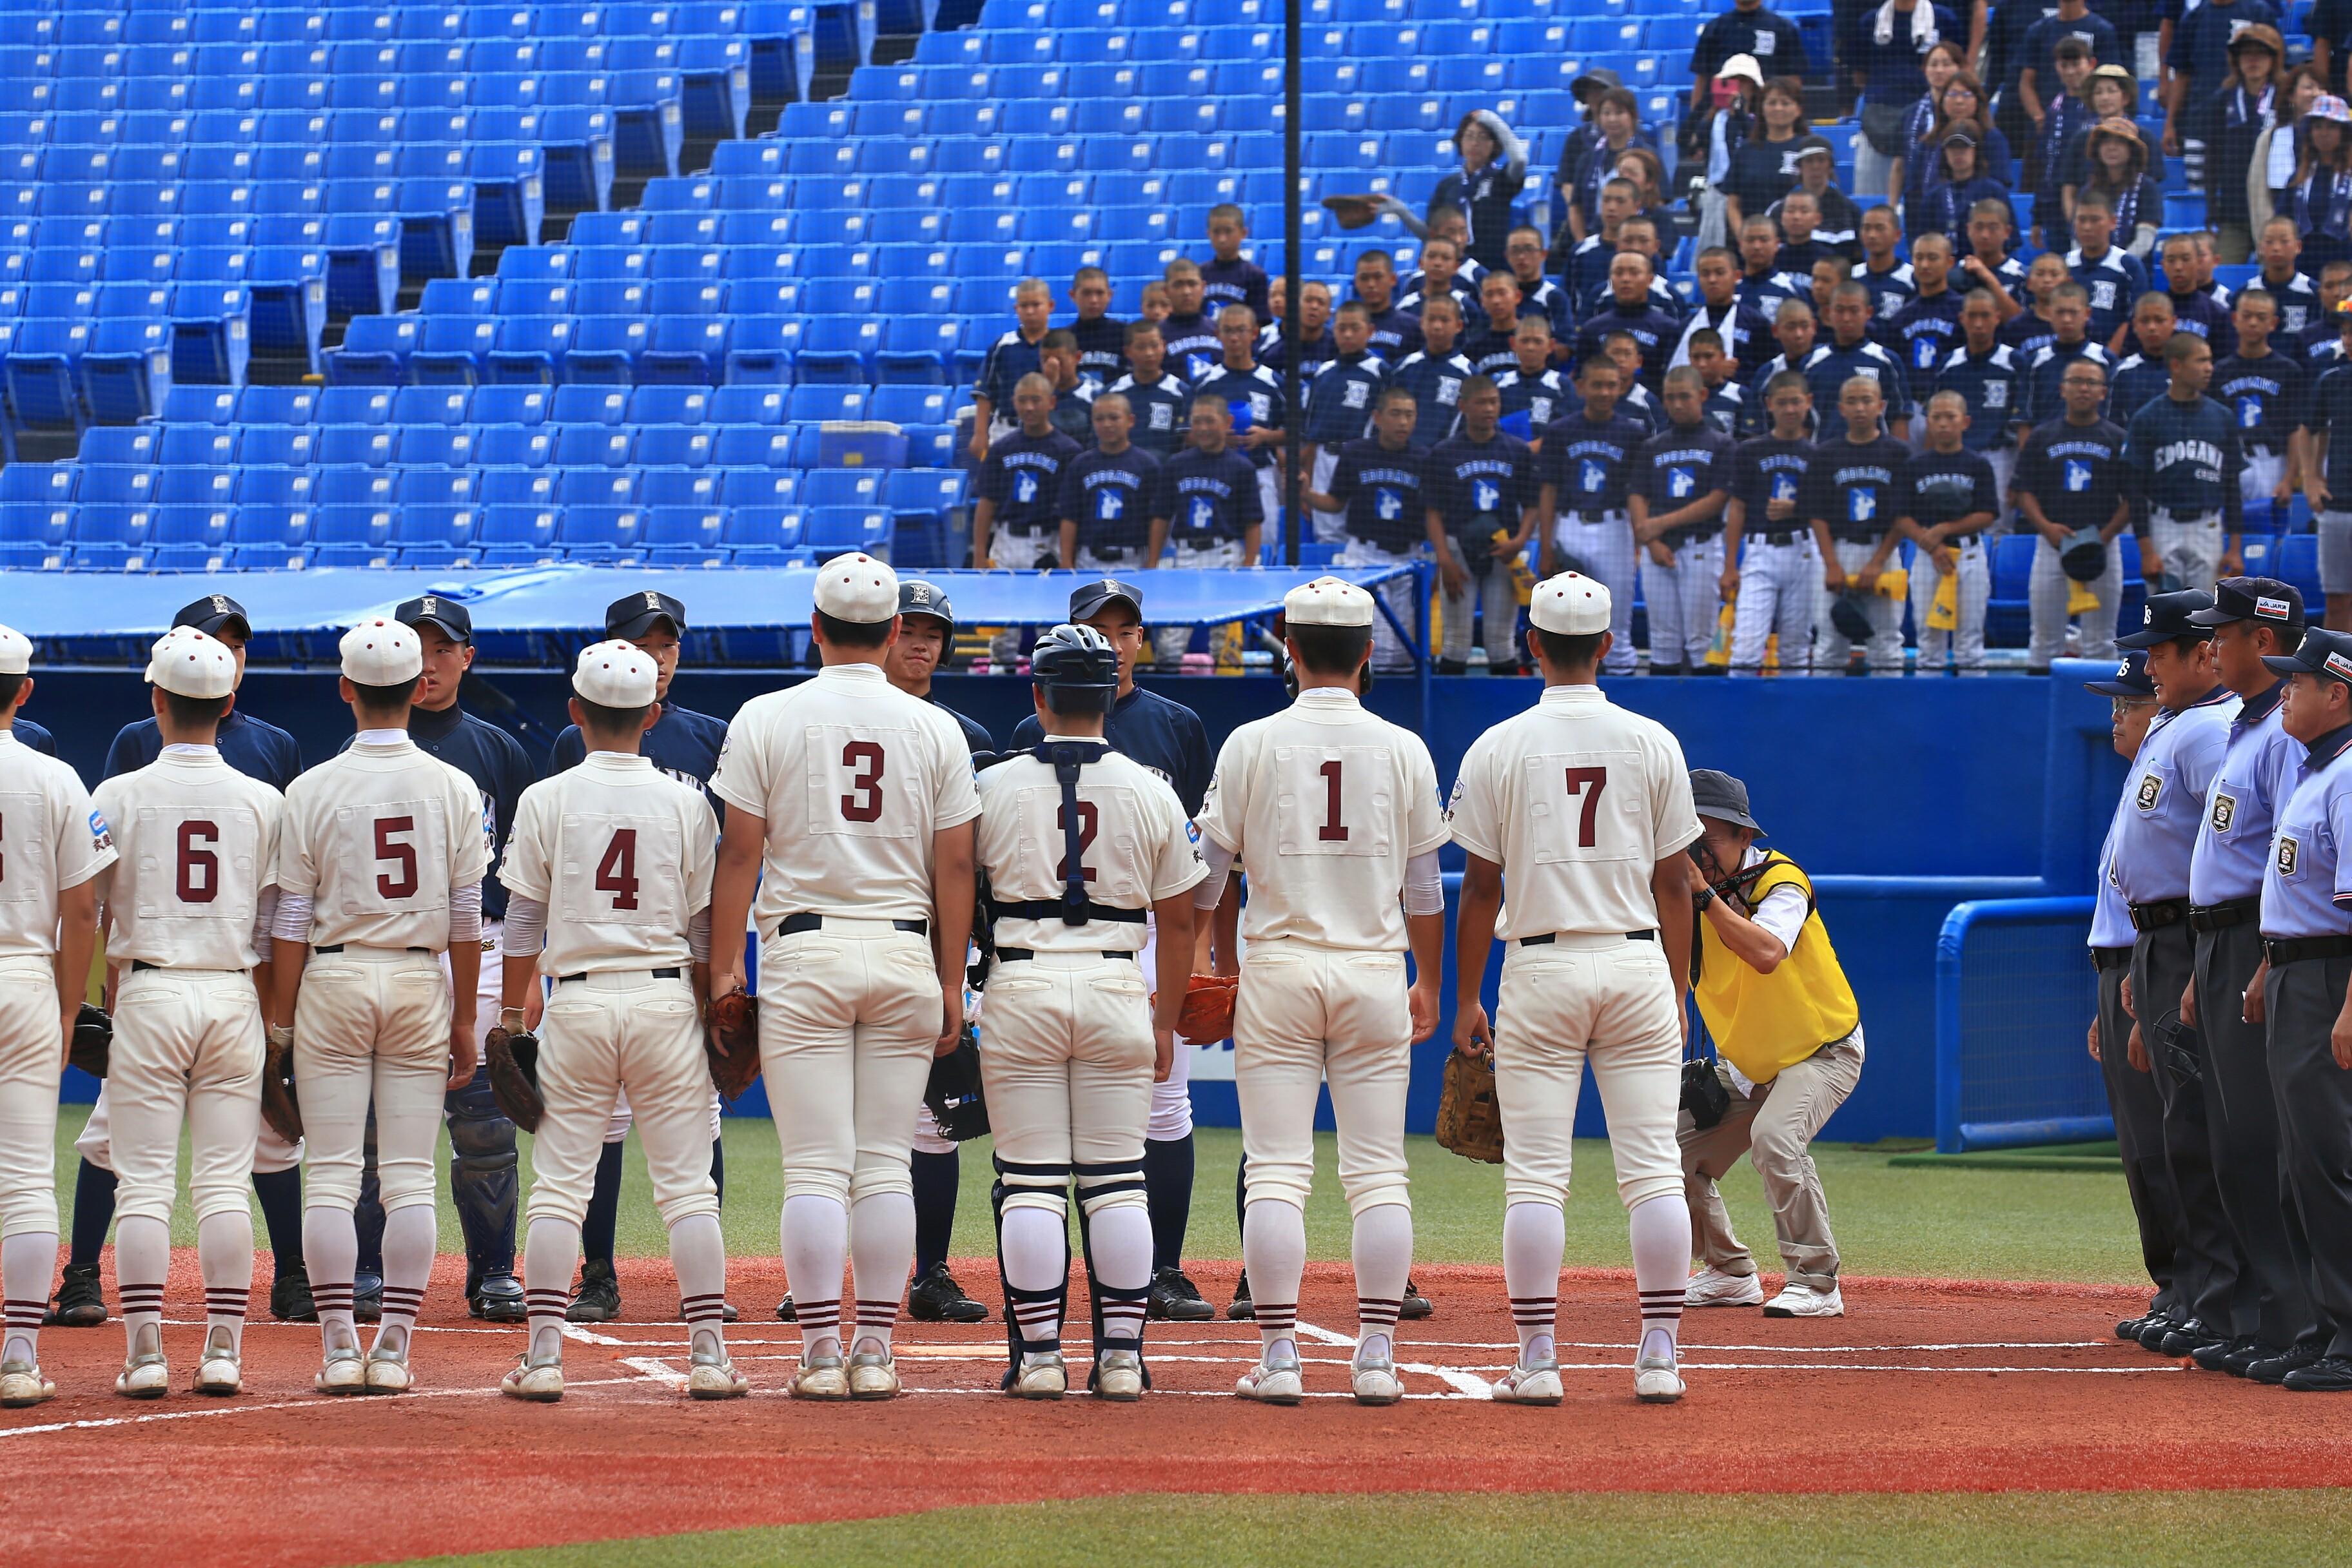 f:id:summer-jingu-stadium:20170807090720j:image